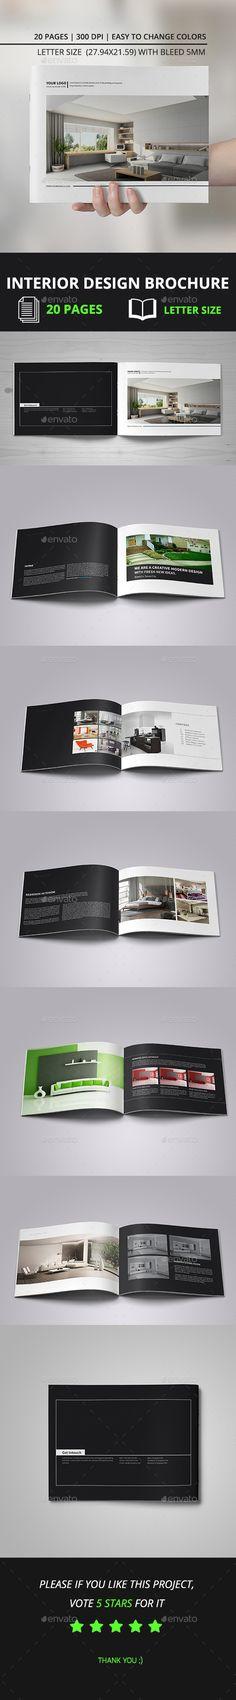 Interior Design Brochure Brochures, Brochure template and Interiors - interior design brochure template